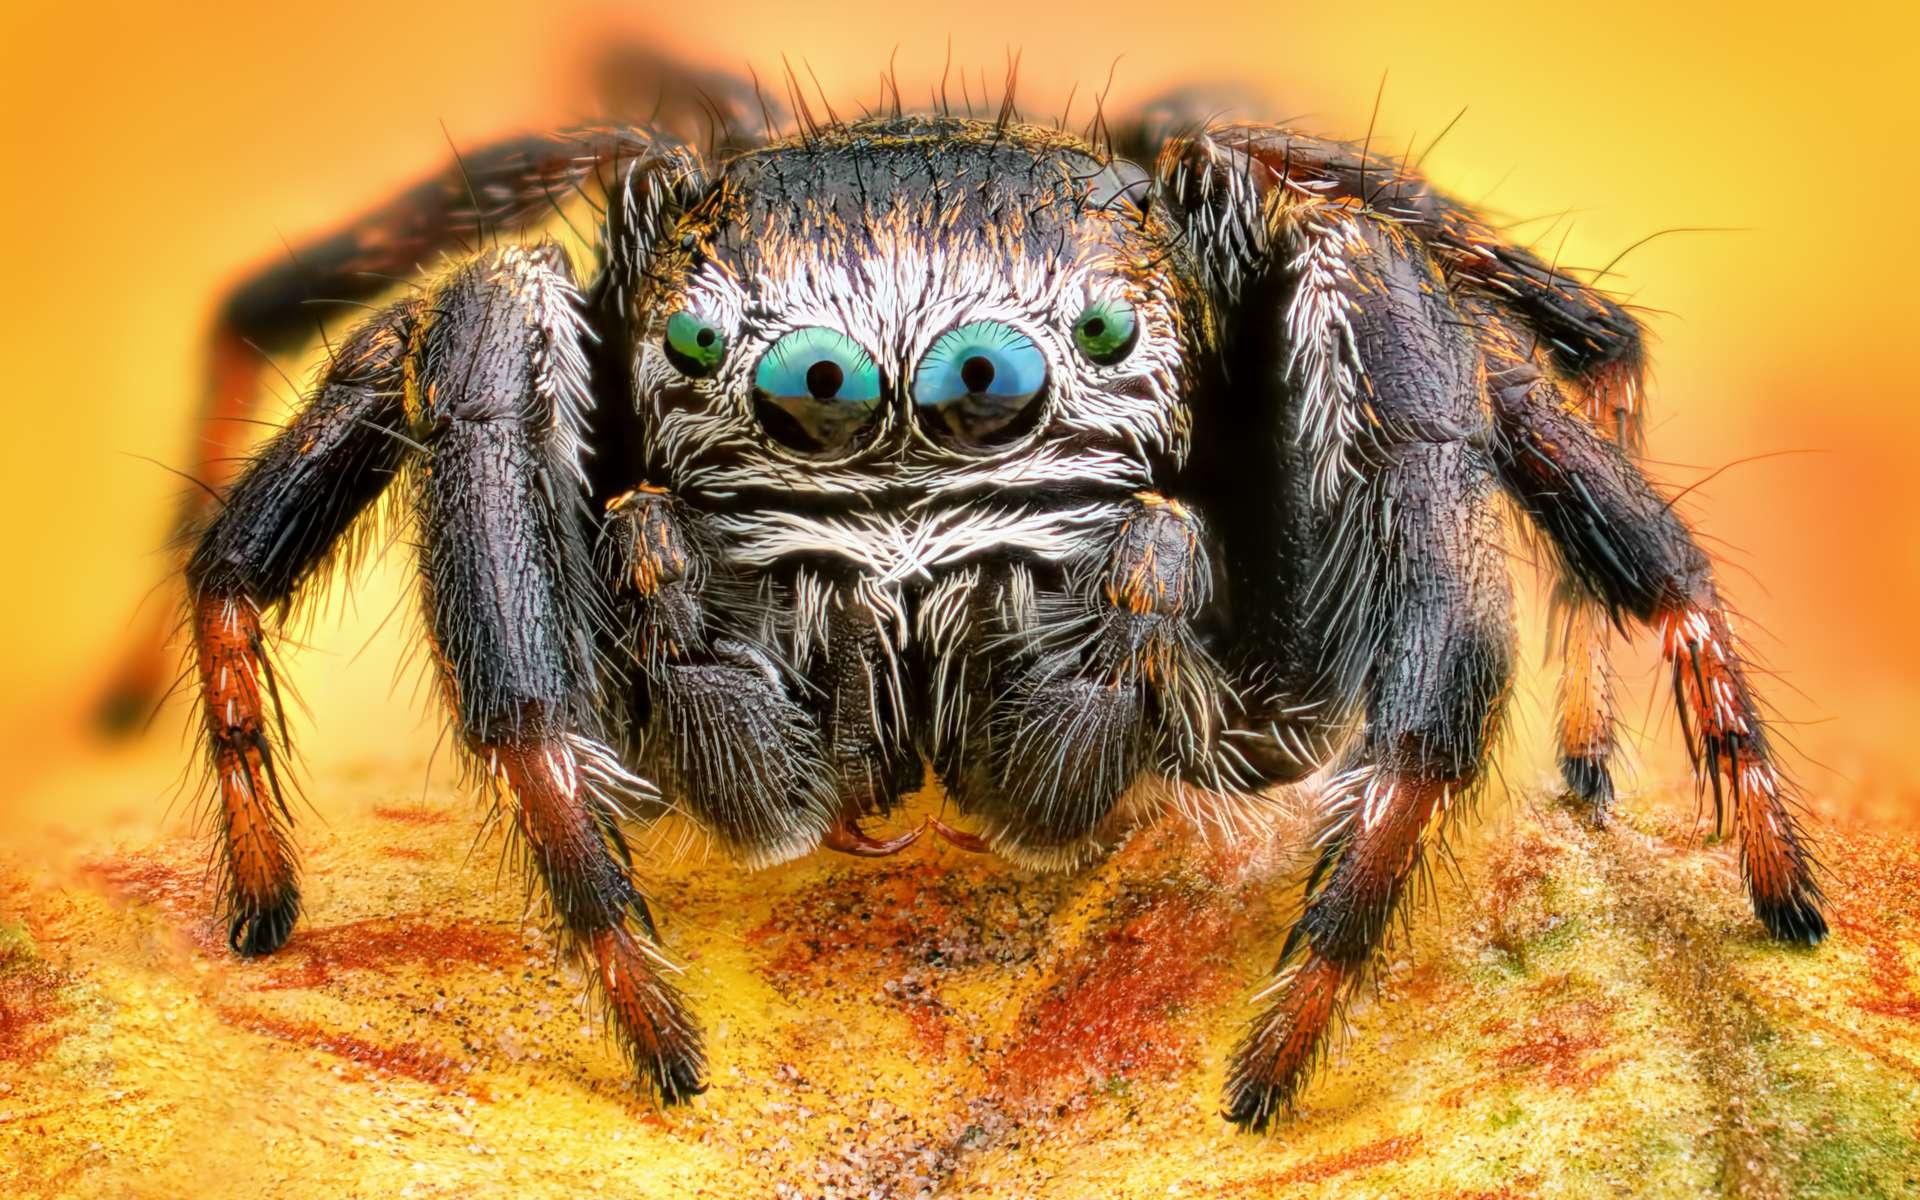 Les araignées pourraient devenir plus agressives lorsqu'elles vivent dans des zones touchées par les ouragans. © Sebastian, Adobe Stock